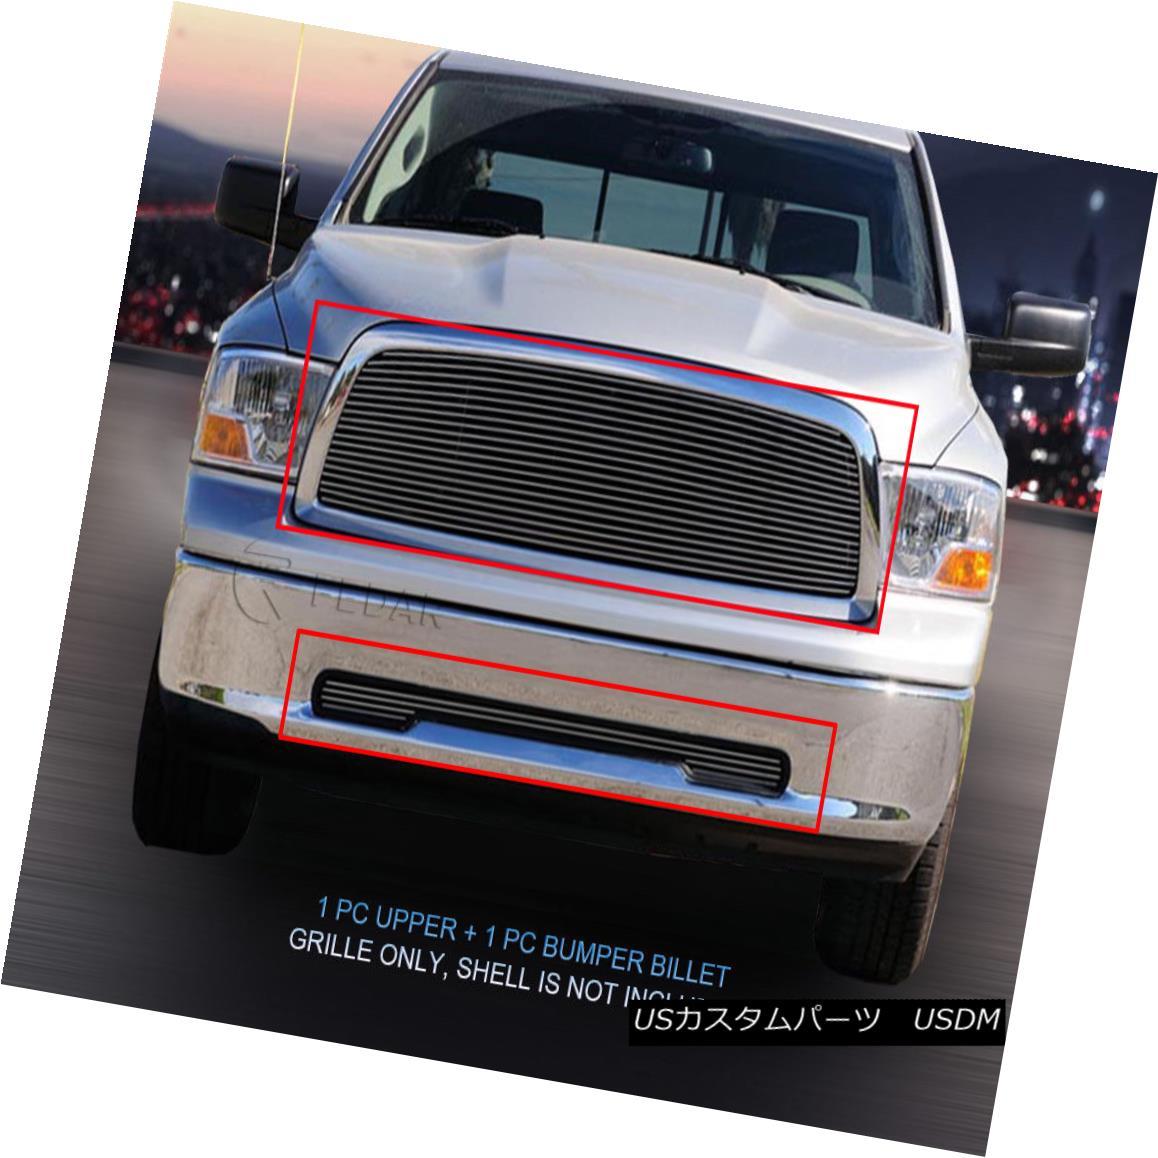 グリル Fedar Fits 2009-2012 Dodge Ram 1500 PU Polished Billet Grille Combo Fedarフィット2009-2012ダッジラム1500 PUポリッシュビレットグリルコンボ